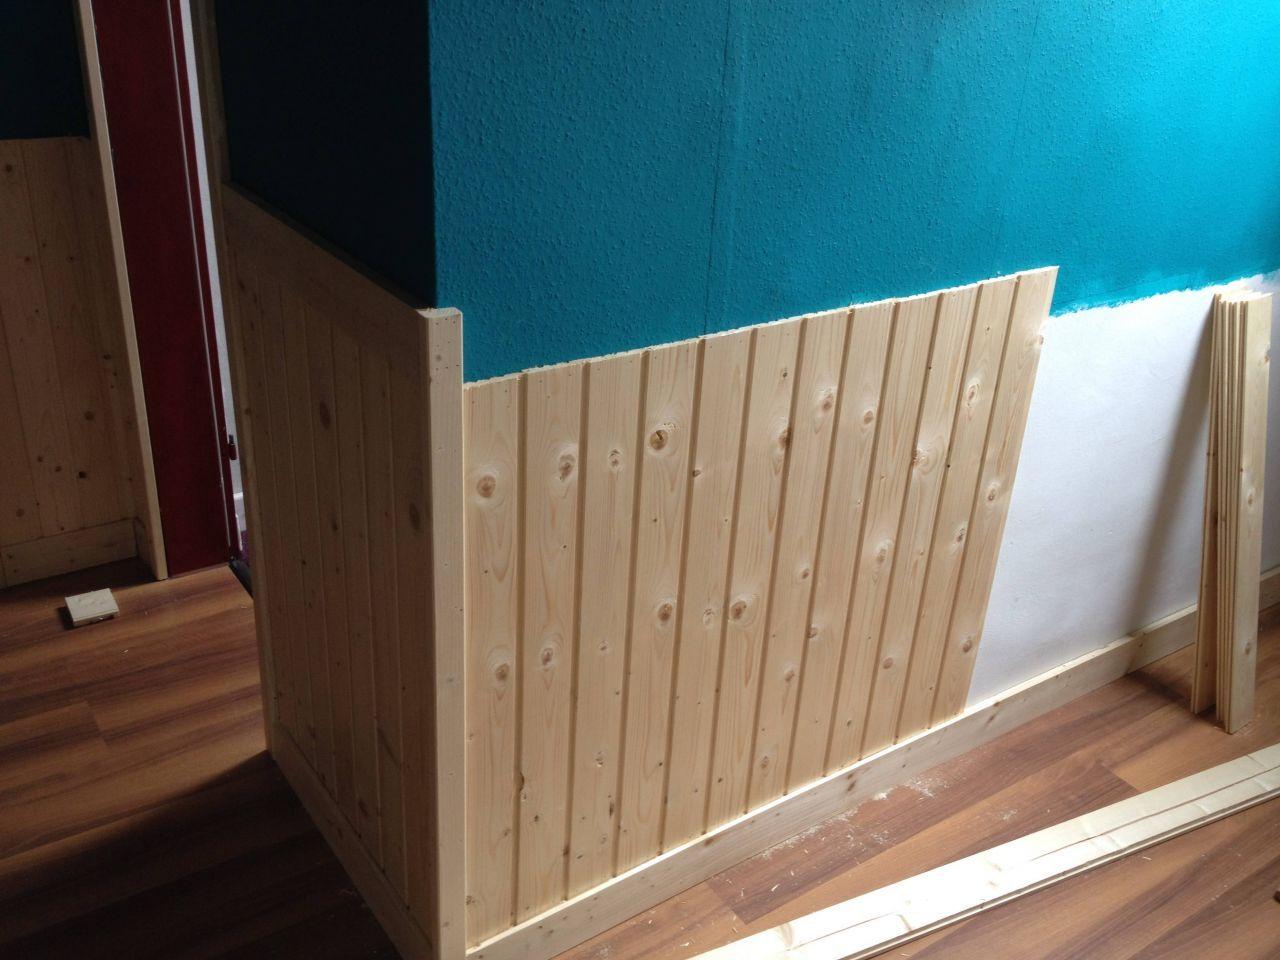 Wandverkleidung Im Flur Bauanleitung Zum Selberbauen 1 2 Do Com Deine Heimwerker Wandverkleidung Wandverkleidung Holz Wandverkleidung Holz Skandinavisch